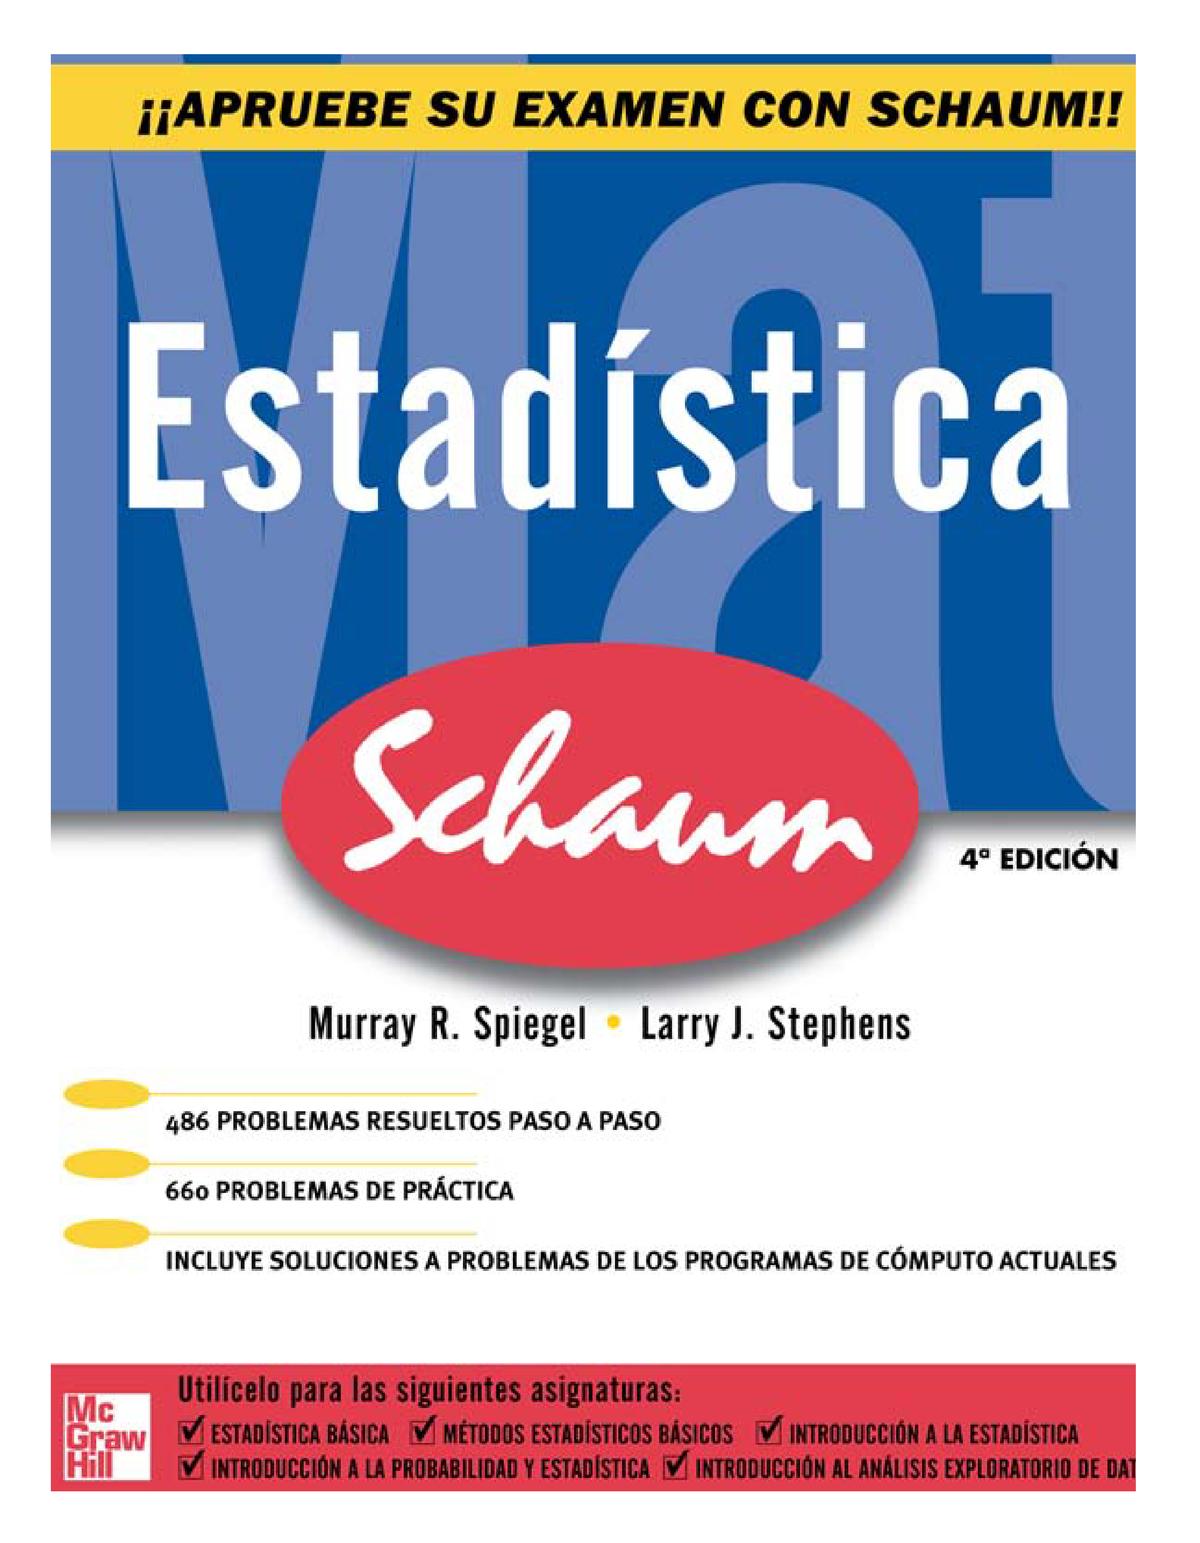 Estadística Serie Schaum 4ta Edición Murray R Spiegel